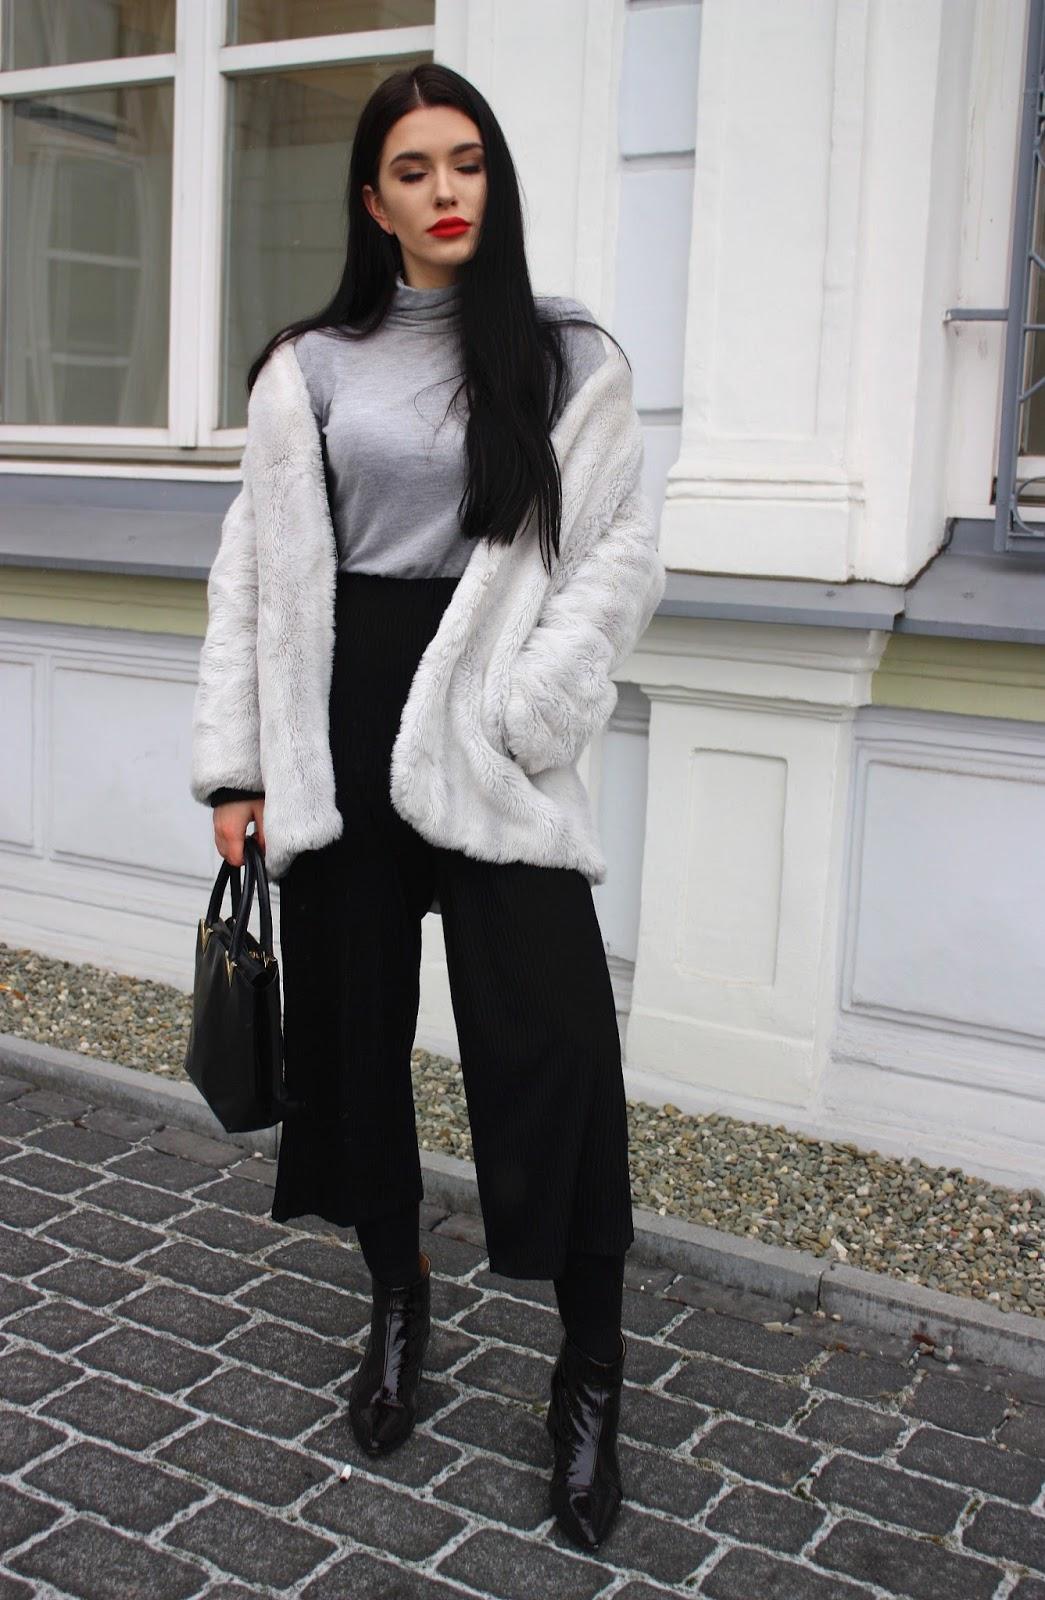 zimowe stylizacje, white faux fur, faux fur, futerko, płaszcz na futrze, zimowe stylizacje